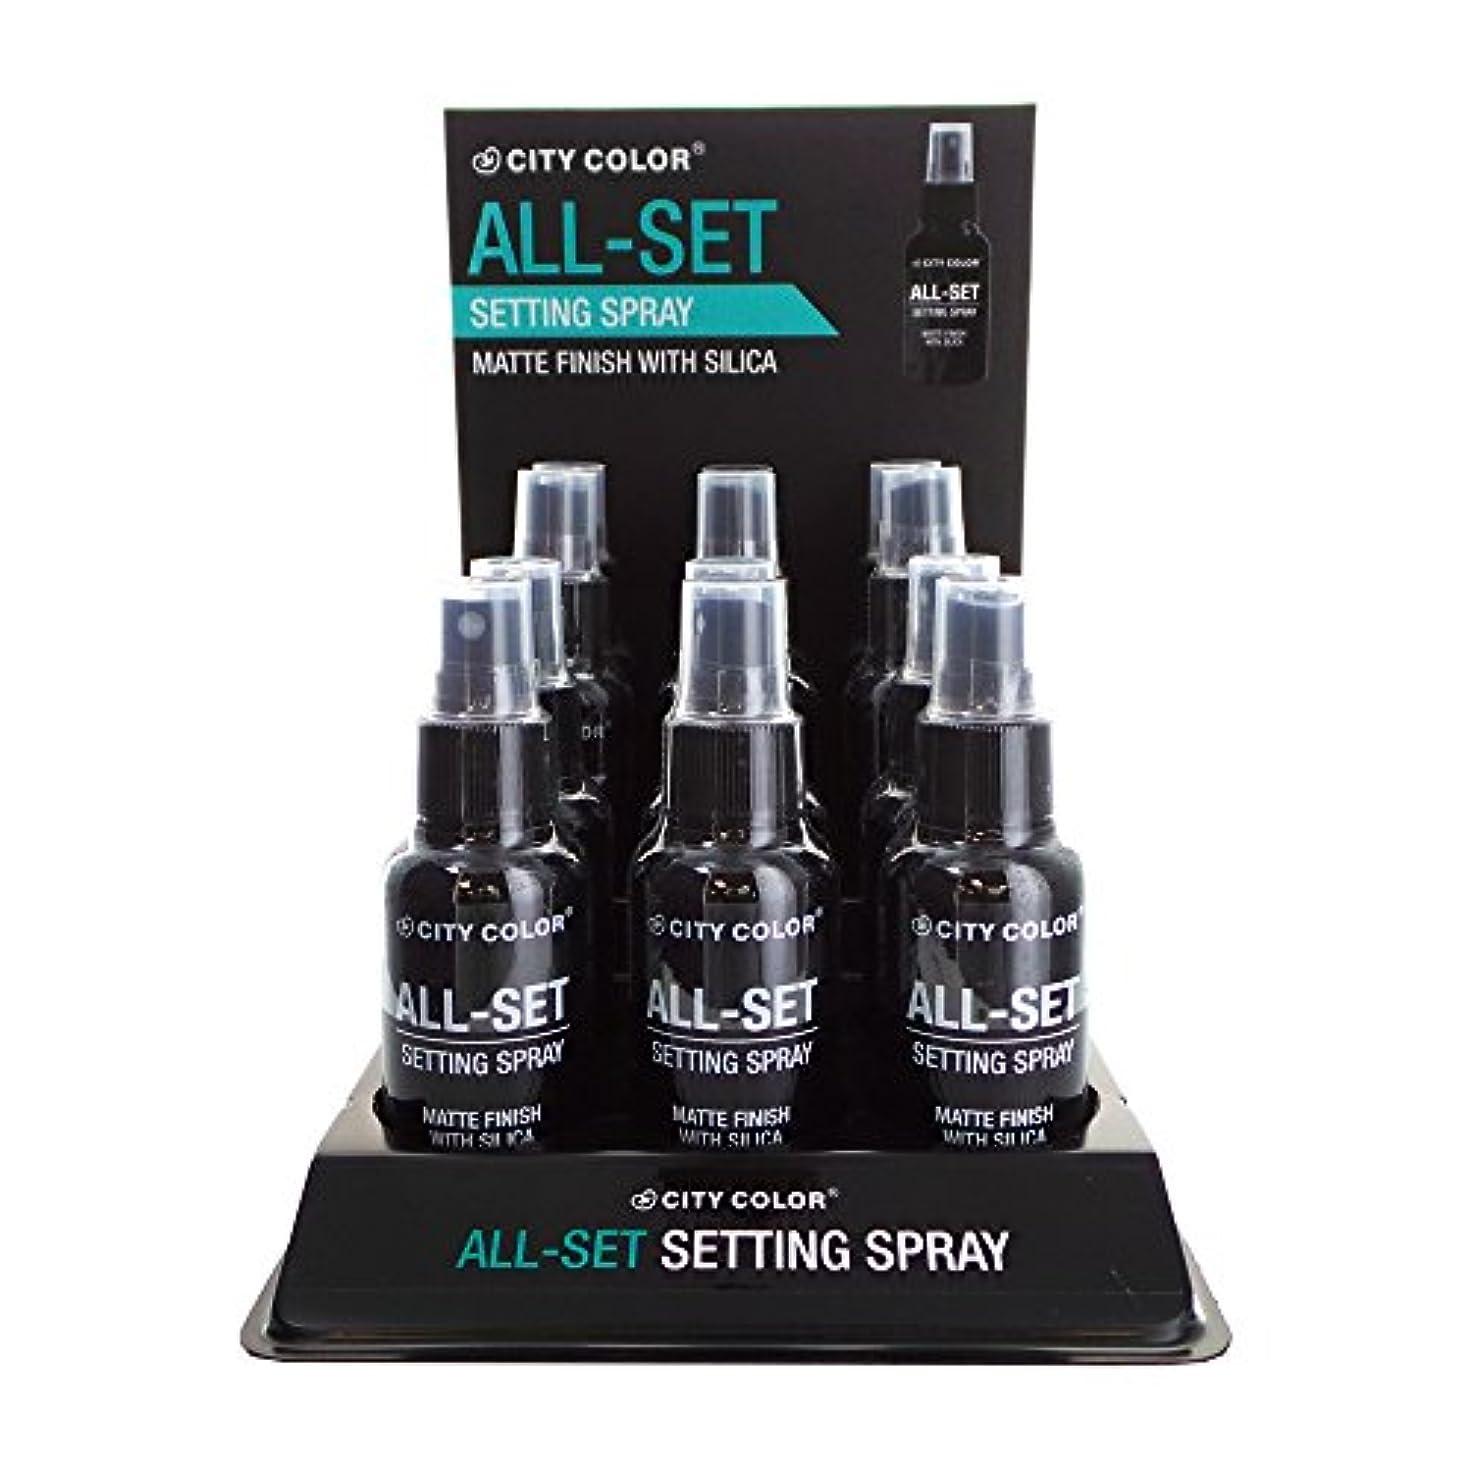 程度控える膜CITY COLOR All-Set Setting Spray Display Set, 12 Pieces (並行輸入品)